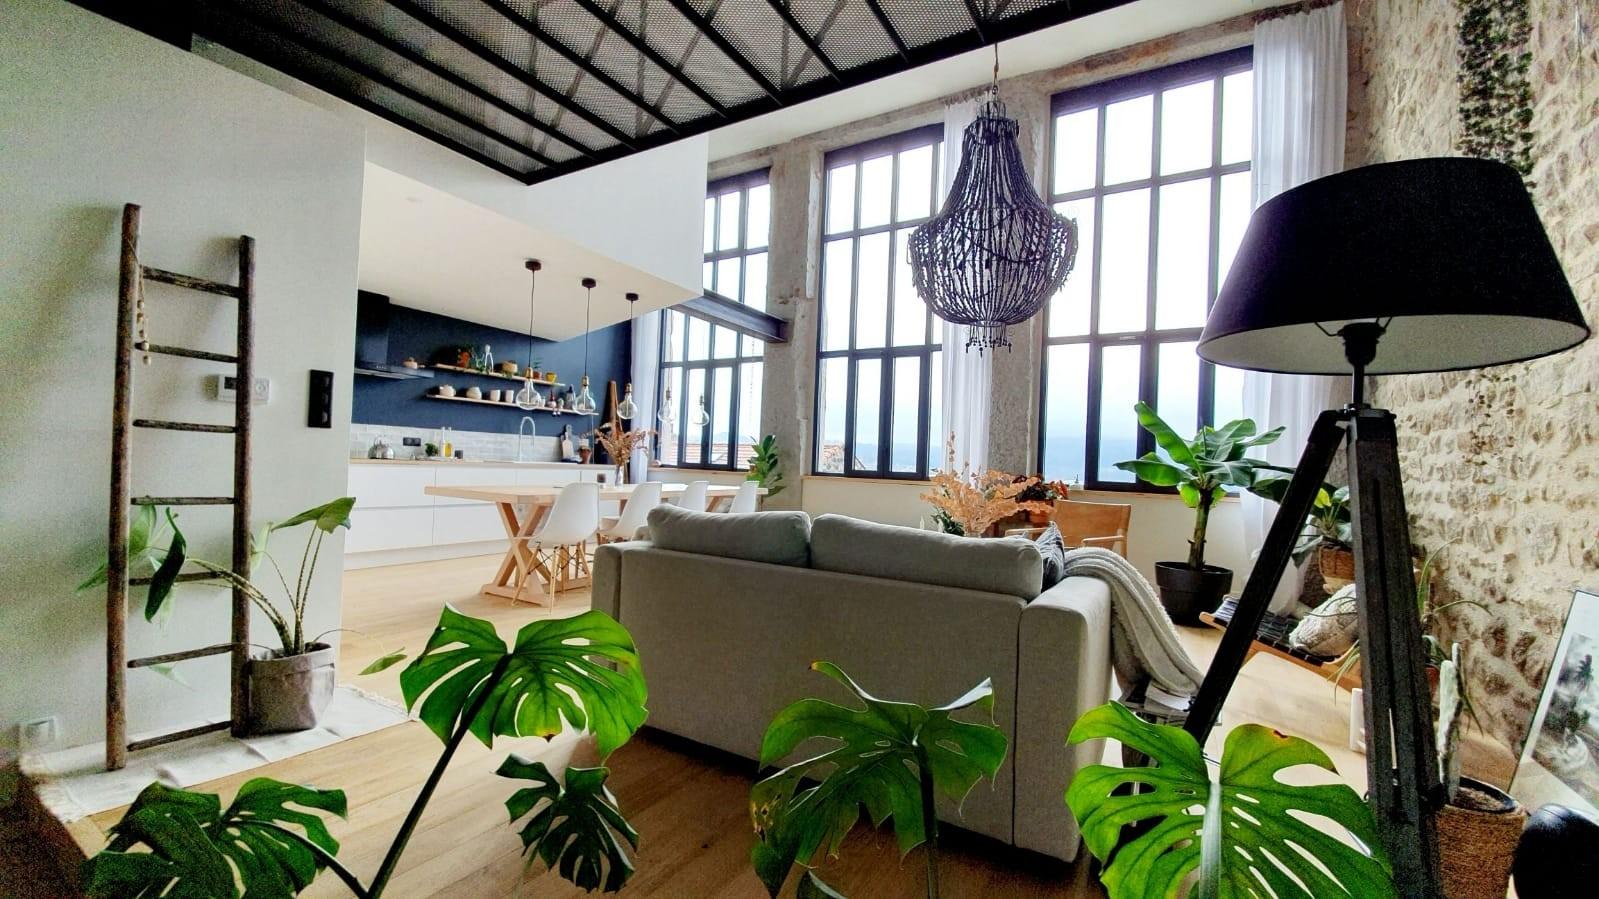 Appartement de Mélanie et d'Alexandre qui ont dessiné et pris en charge les aménagements intérieurs. © Mélanie D, propriétaire